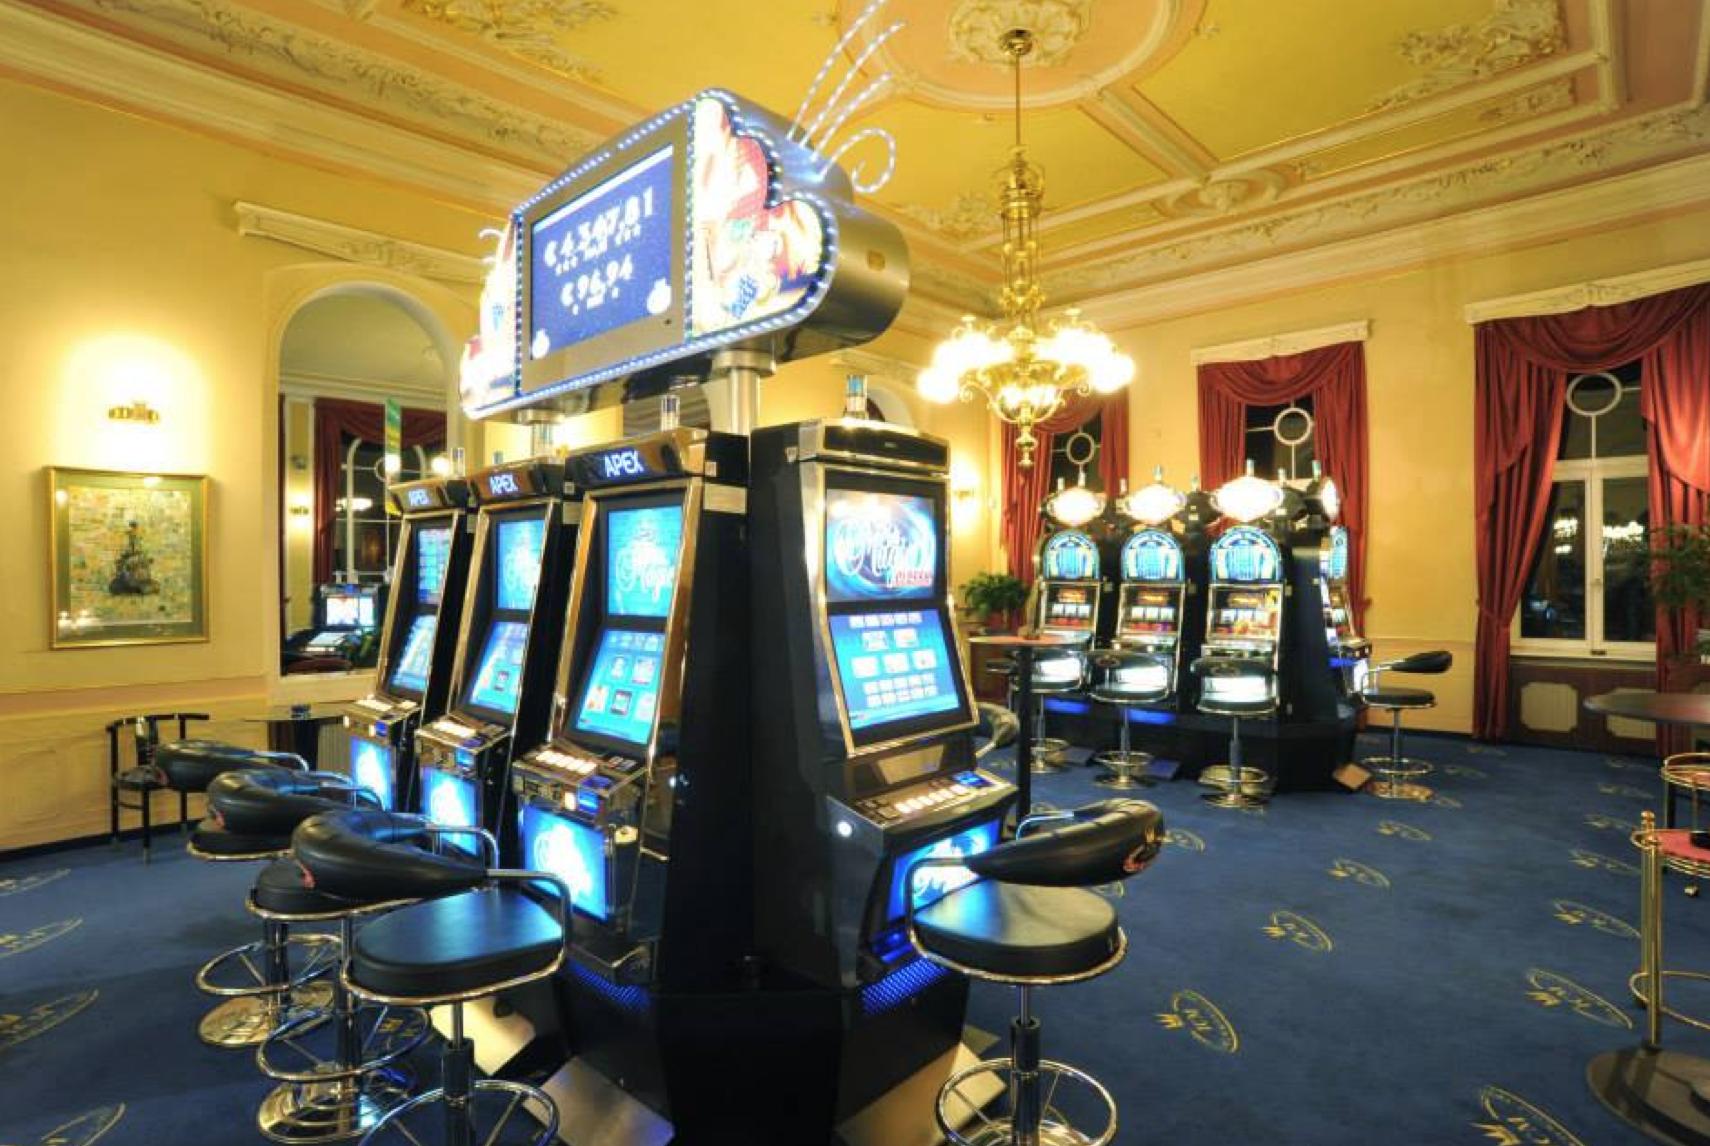 Хрусталь казино вход через зеркало скачать сохранения gta san andreas казино рояль агент 007